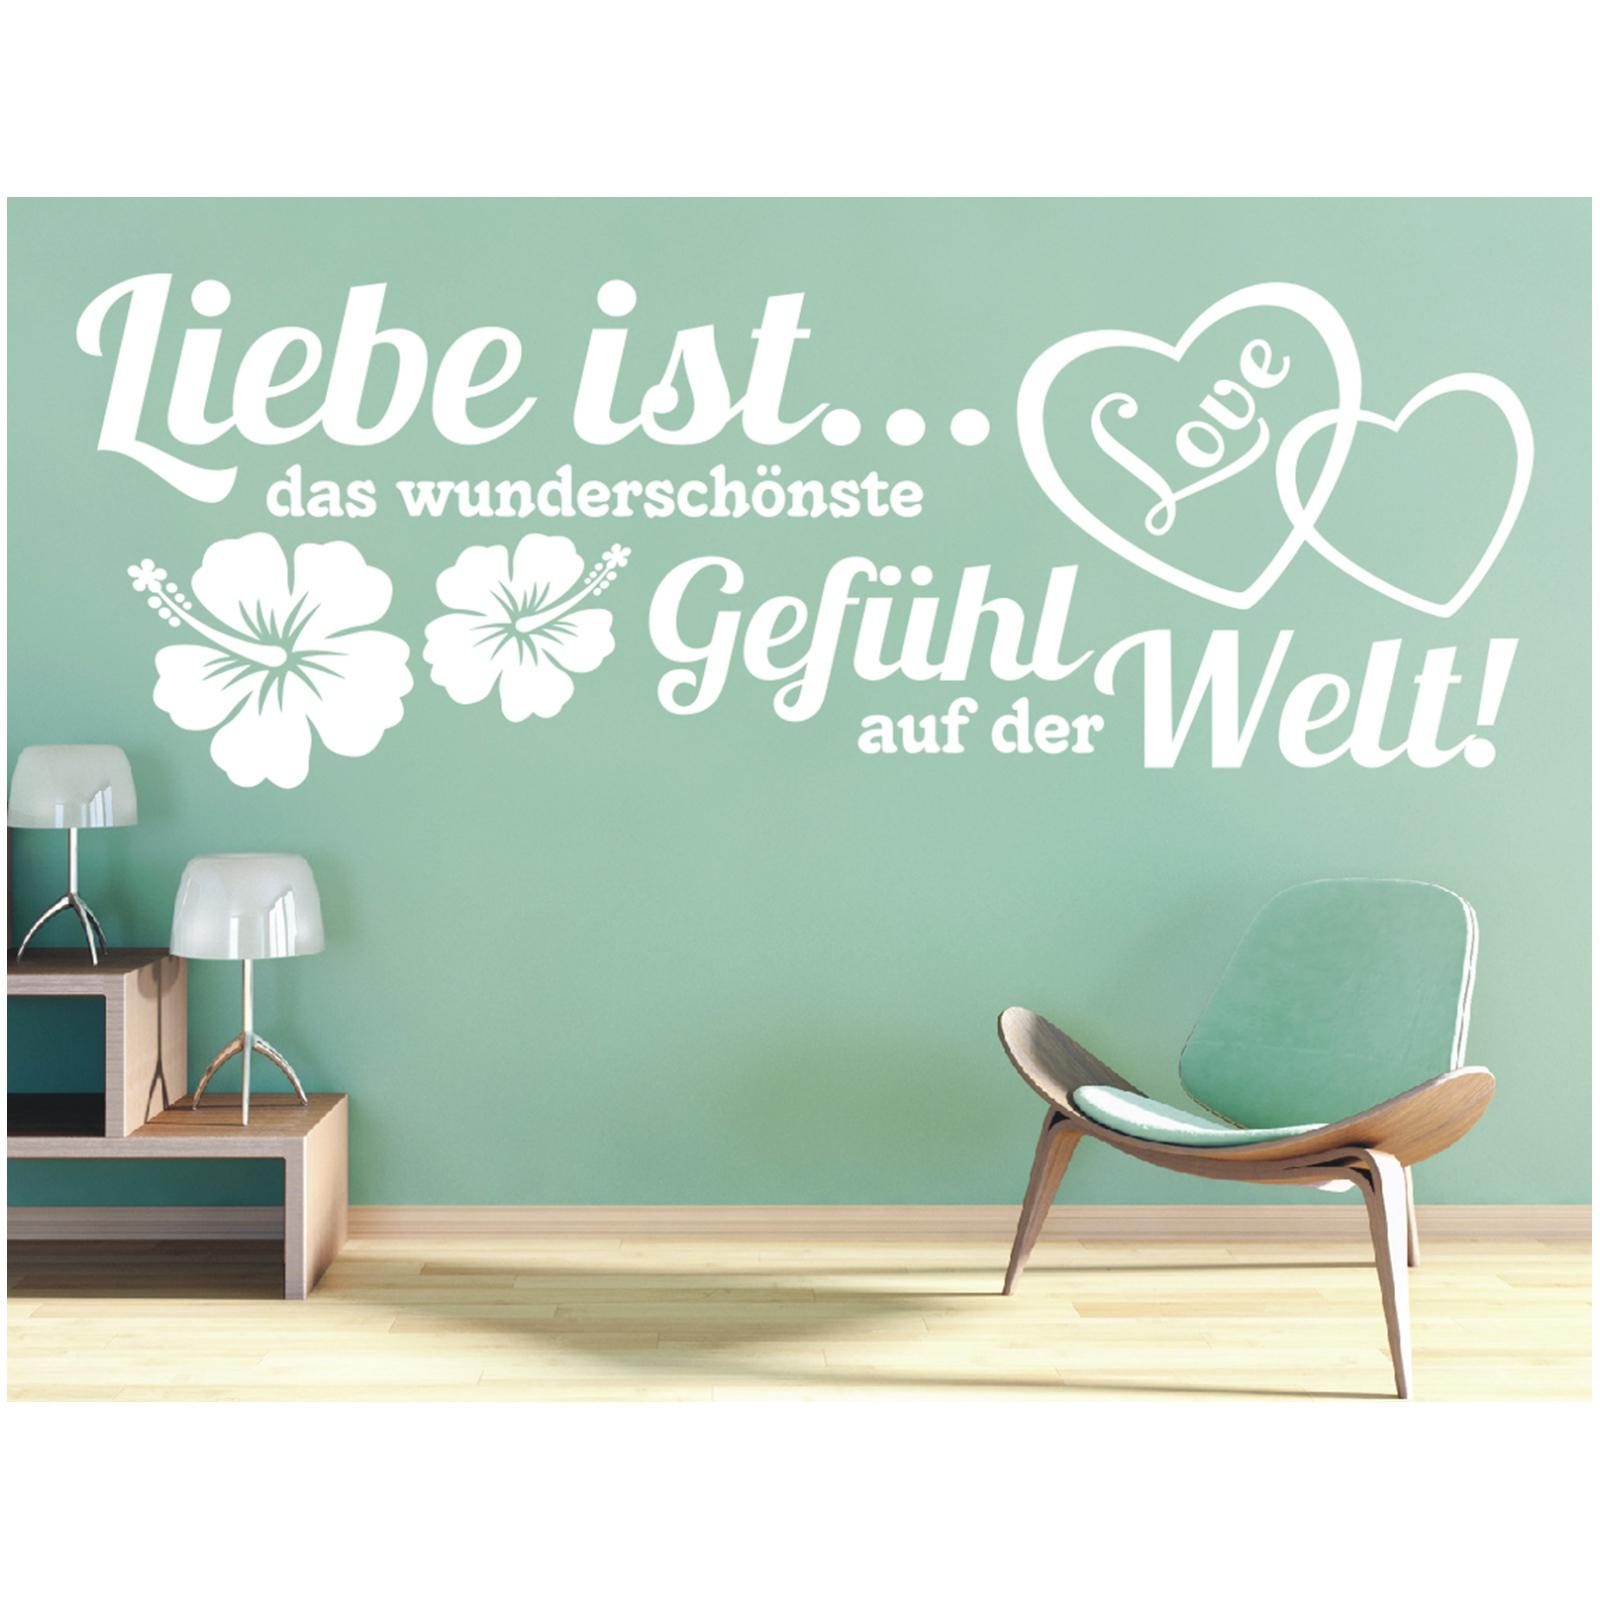 Full Size of Wandtattoo Spruch Liebe Ist Gefhl Welt Wandsticker Wandaufkleber Im Ganzen Wc Sprüche 1 Küche Wandtattoo Sprüche